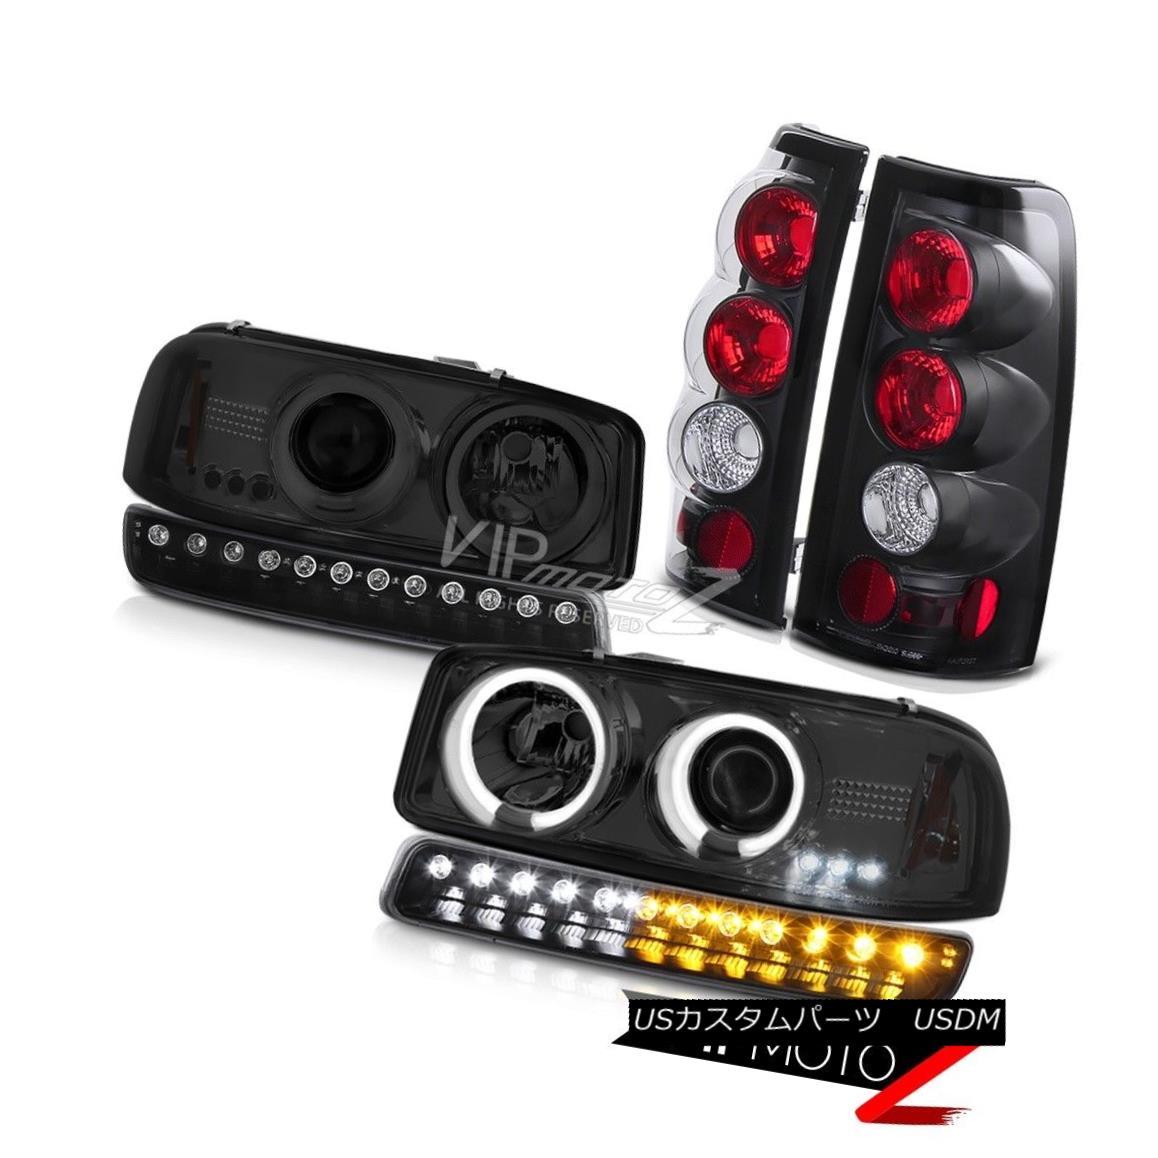 ヘッドライト 99-02 Sierra WT Matte black tail lights turn signal ccfl projector headlights 99-02シエラWTマットブラックテールライトターンシグナルccflプロジェクターヘッドライト